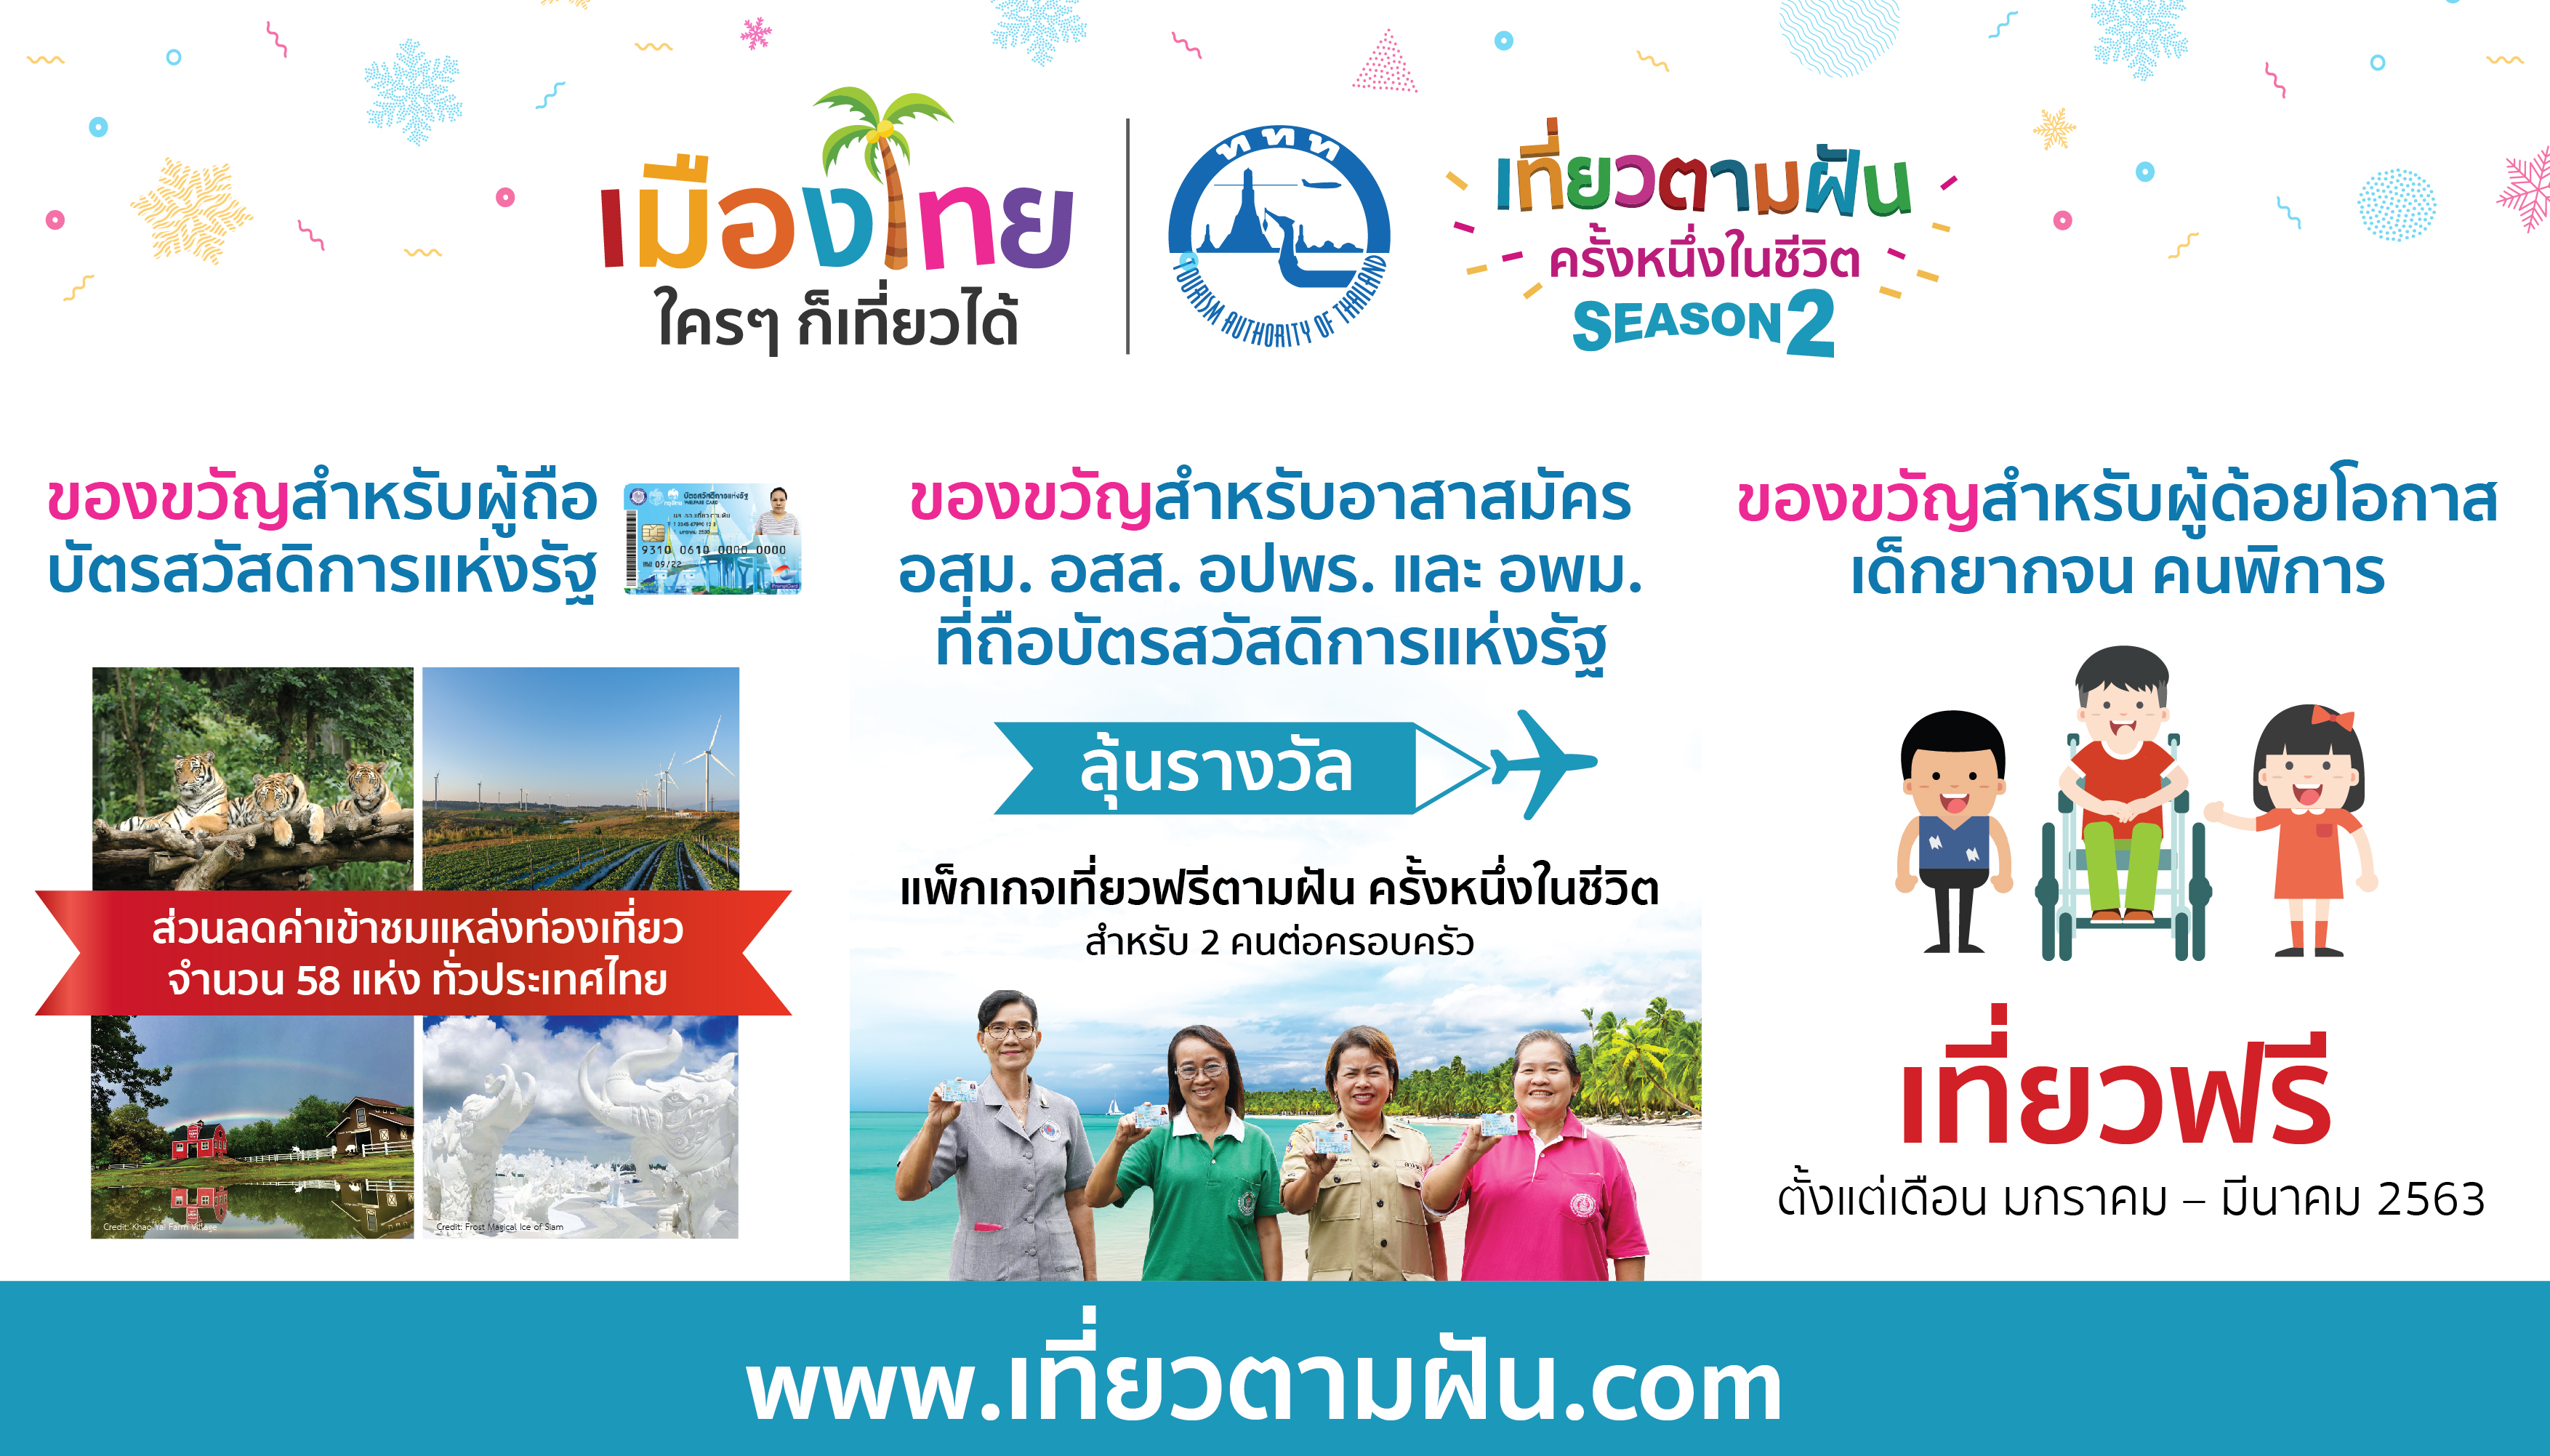 ททท. ส่งมอบความสุขให้คนไทยอย่างต่อเนื่อง กับโครงการเมืองไทยใครๆ ก็เที่ยวได้ปี 2563